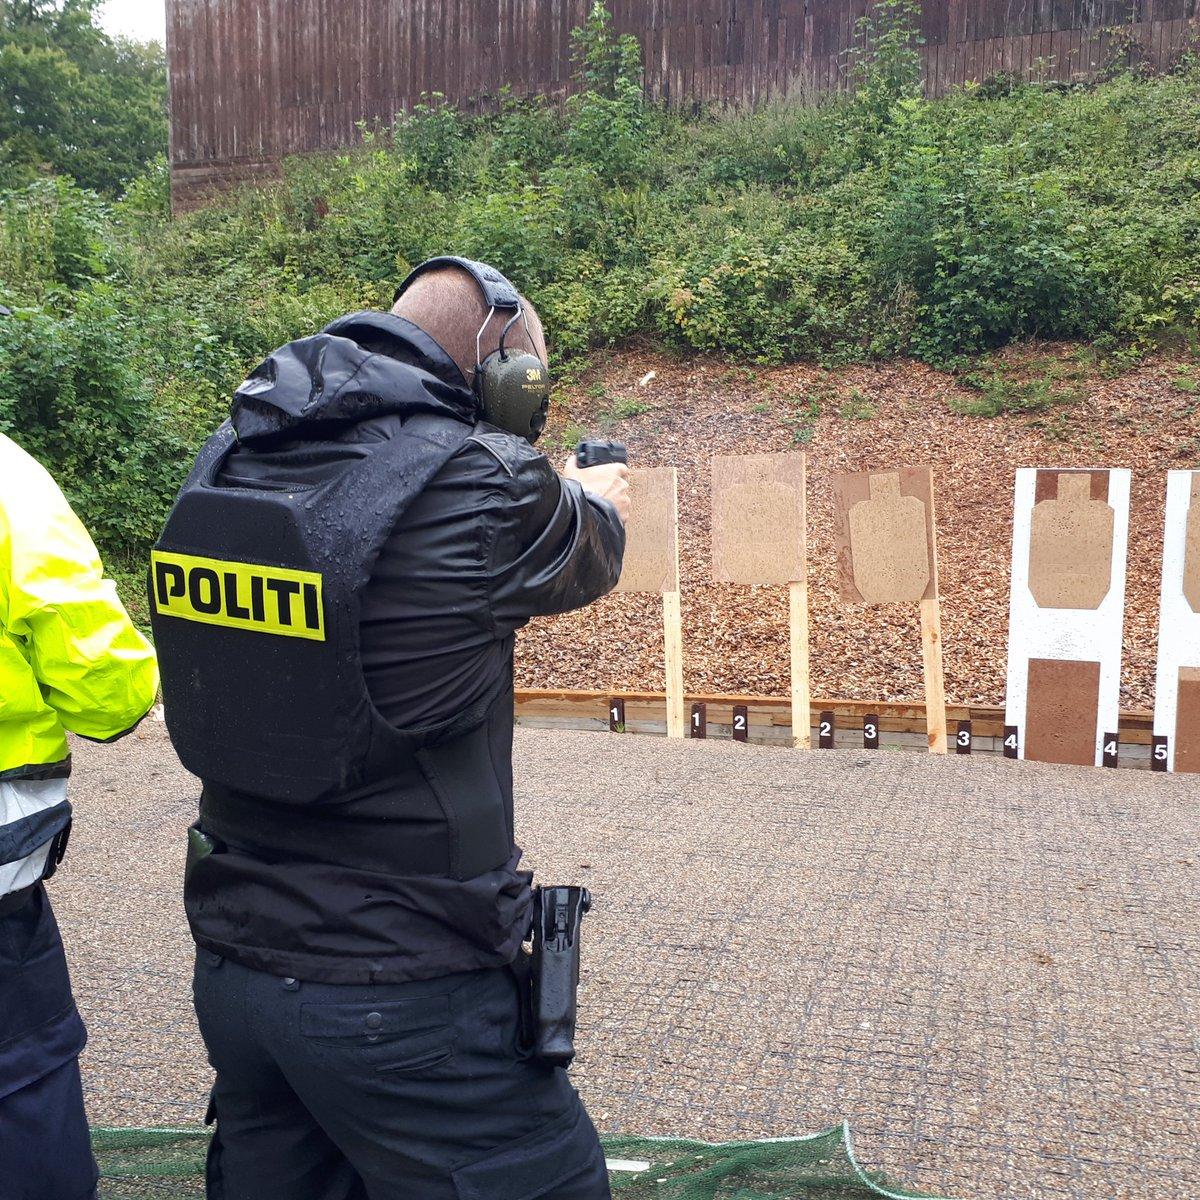 En god dag på skydebanen med masser af frisk luft og regn. Nu trænger vi alle til at komme hjem. Vil du være politibetjent, så tjek politiskolens hjemmeside. #politidk https://t.co/ViwViD3fXX